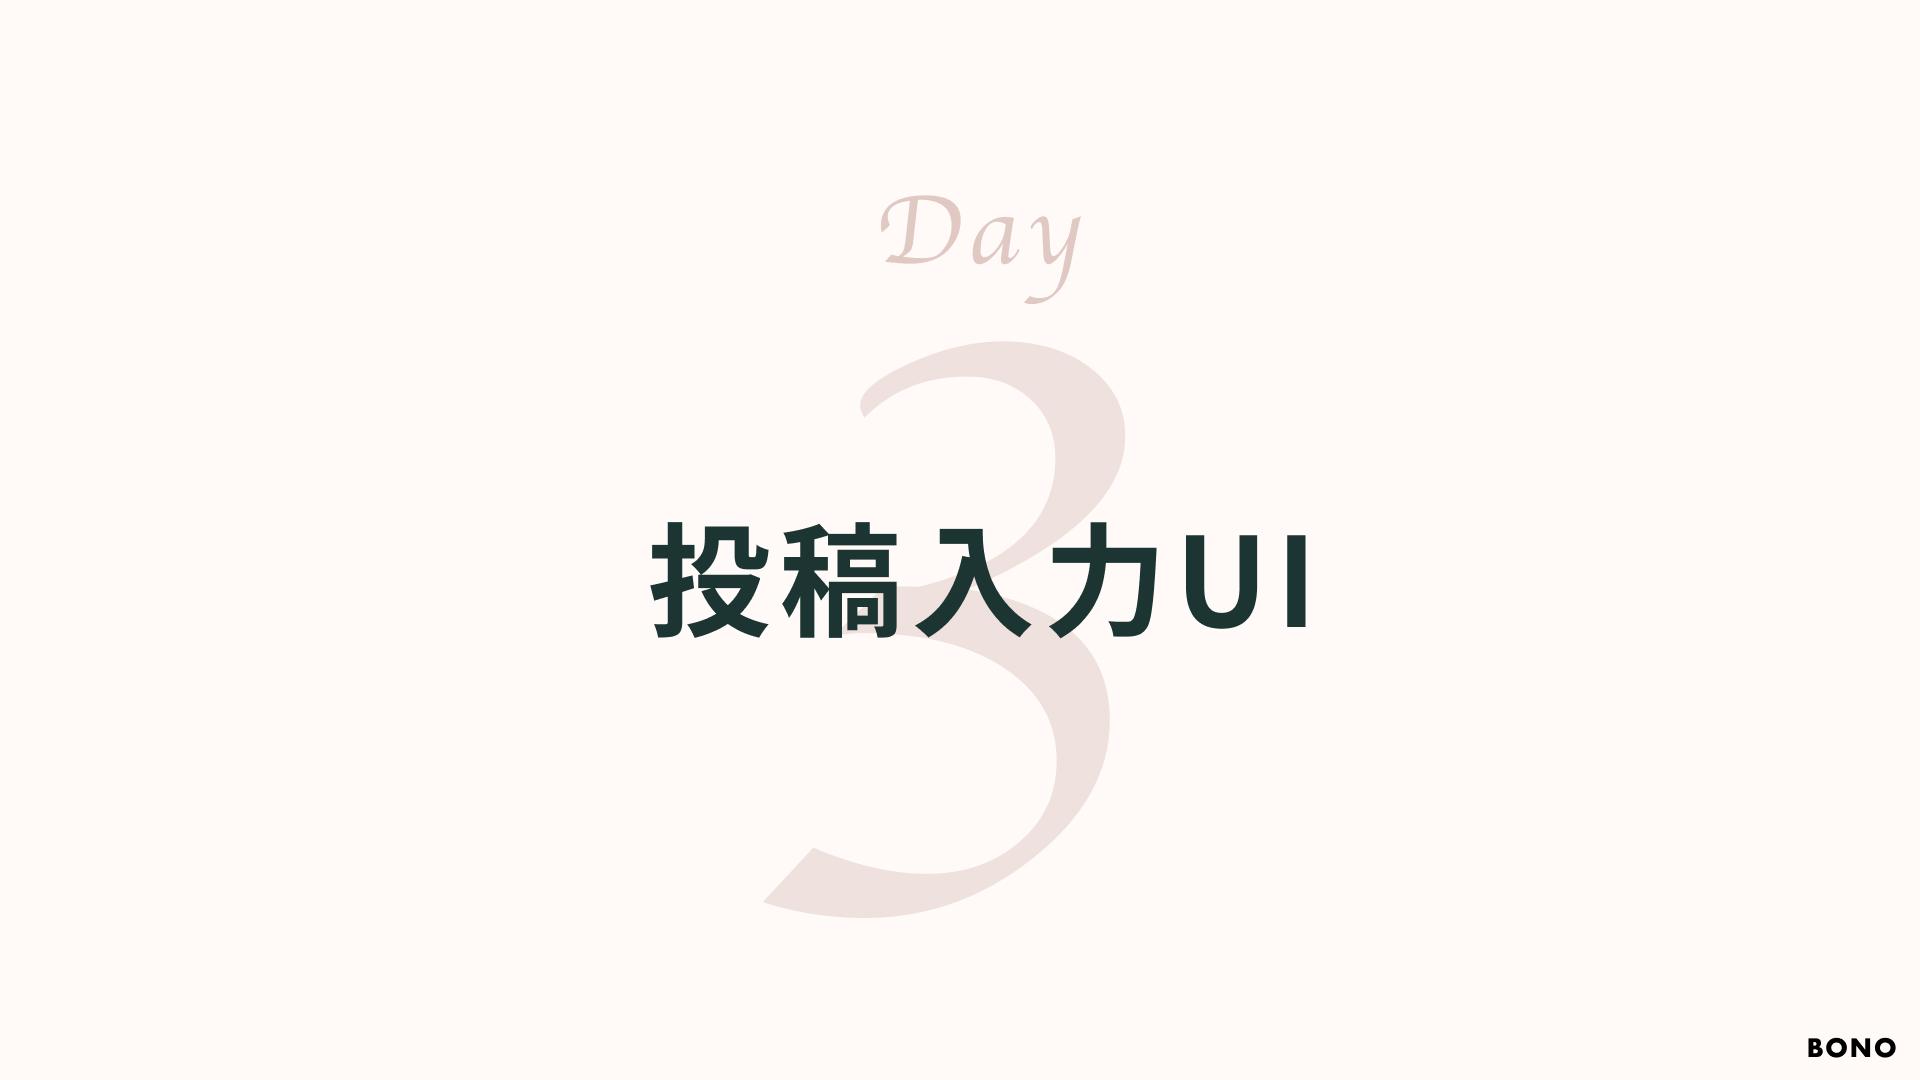 【Daily音声SNS】DAY3-お題